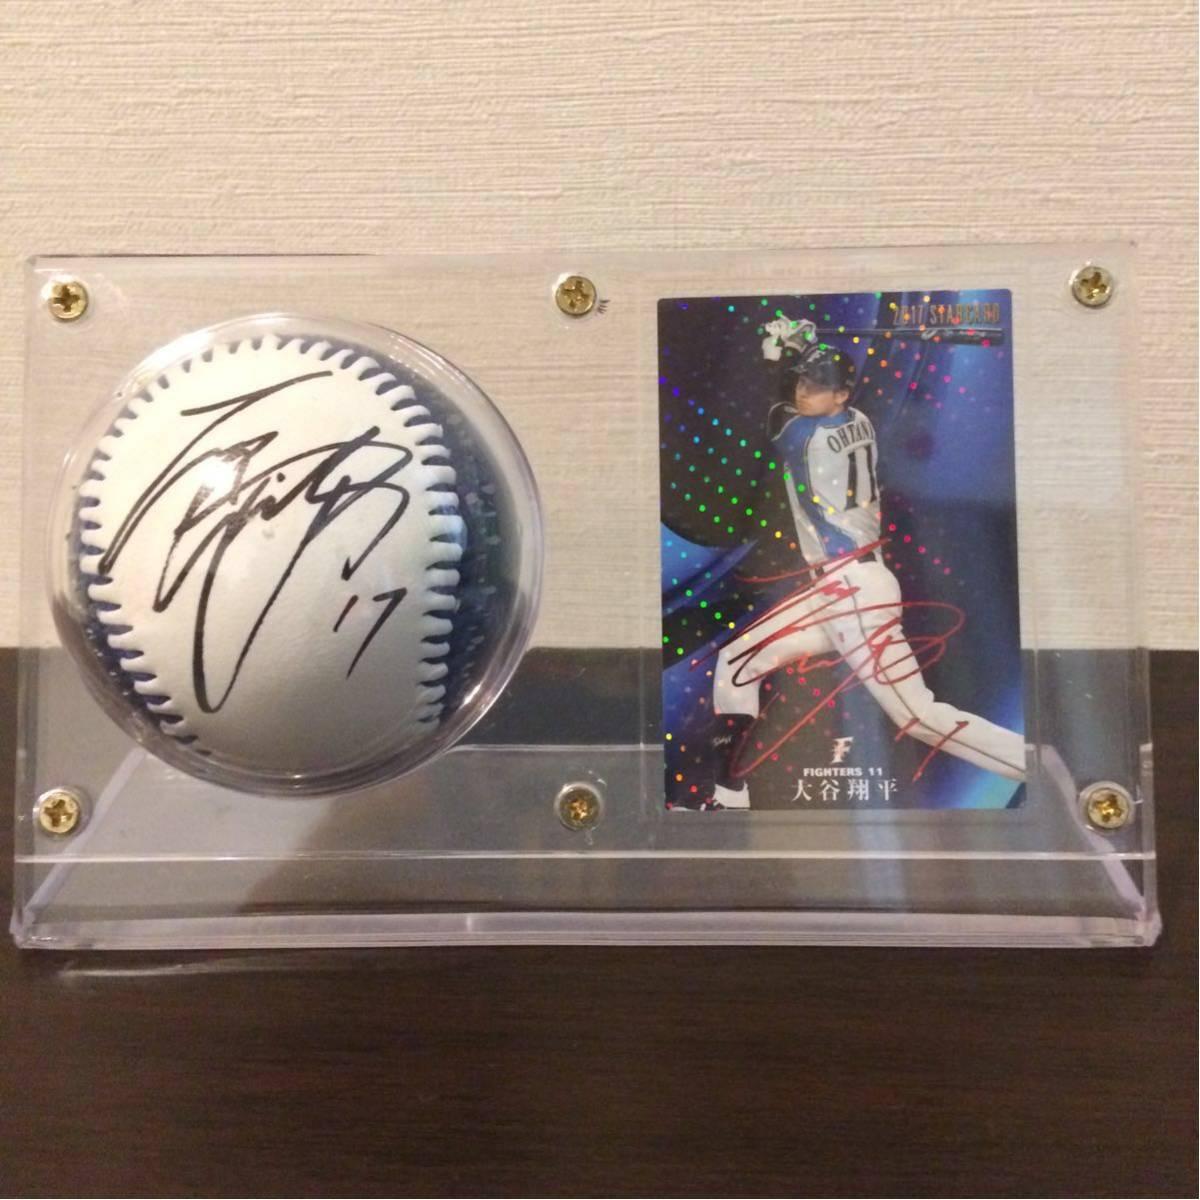 大谷翔平 球団公認直筆サインボール コピーサインカードとケース付き